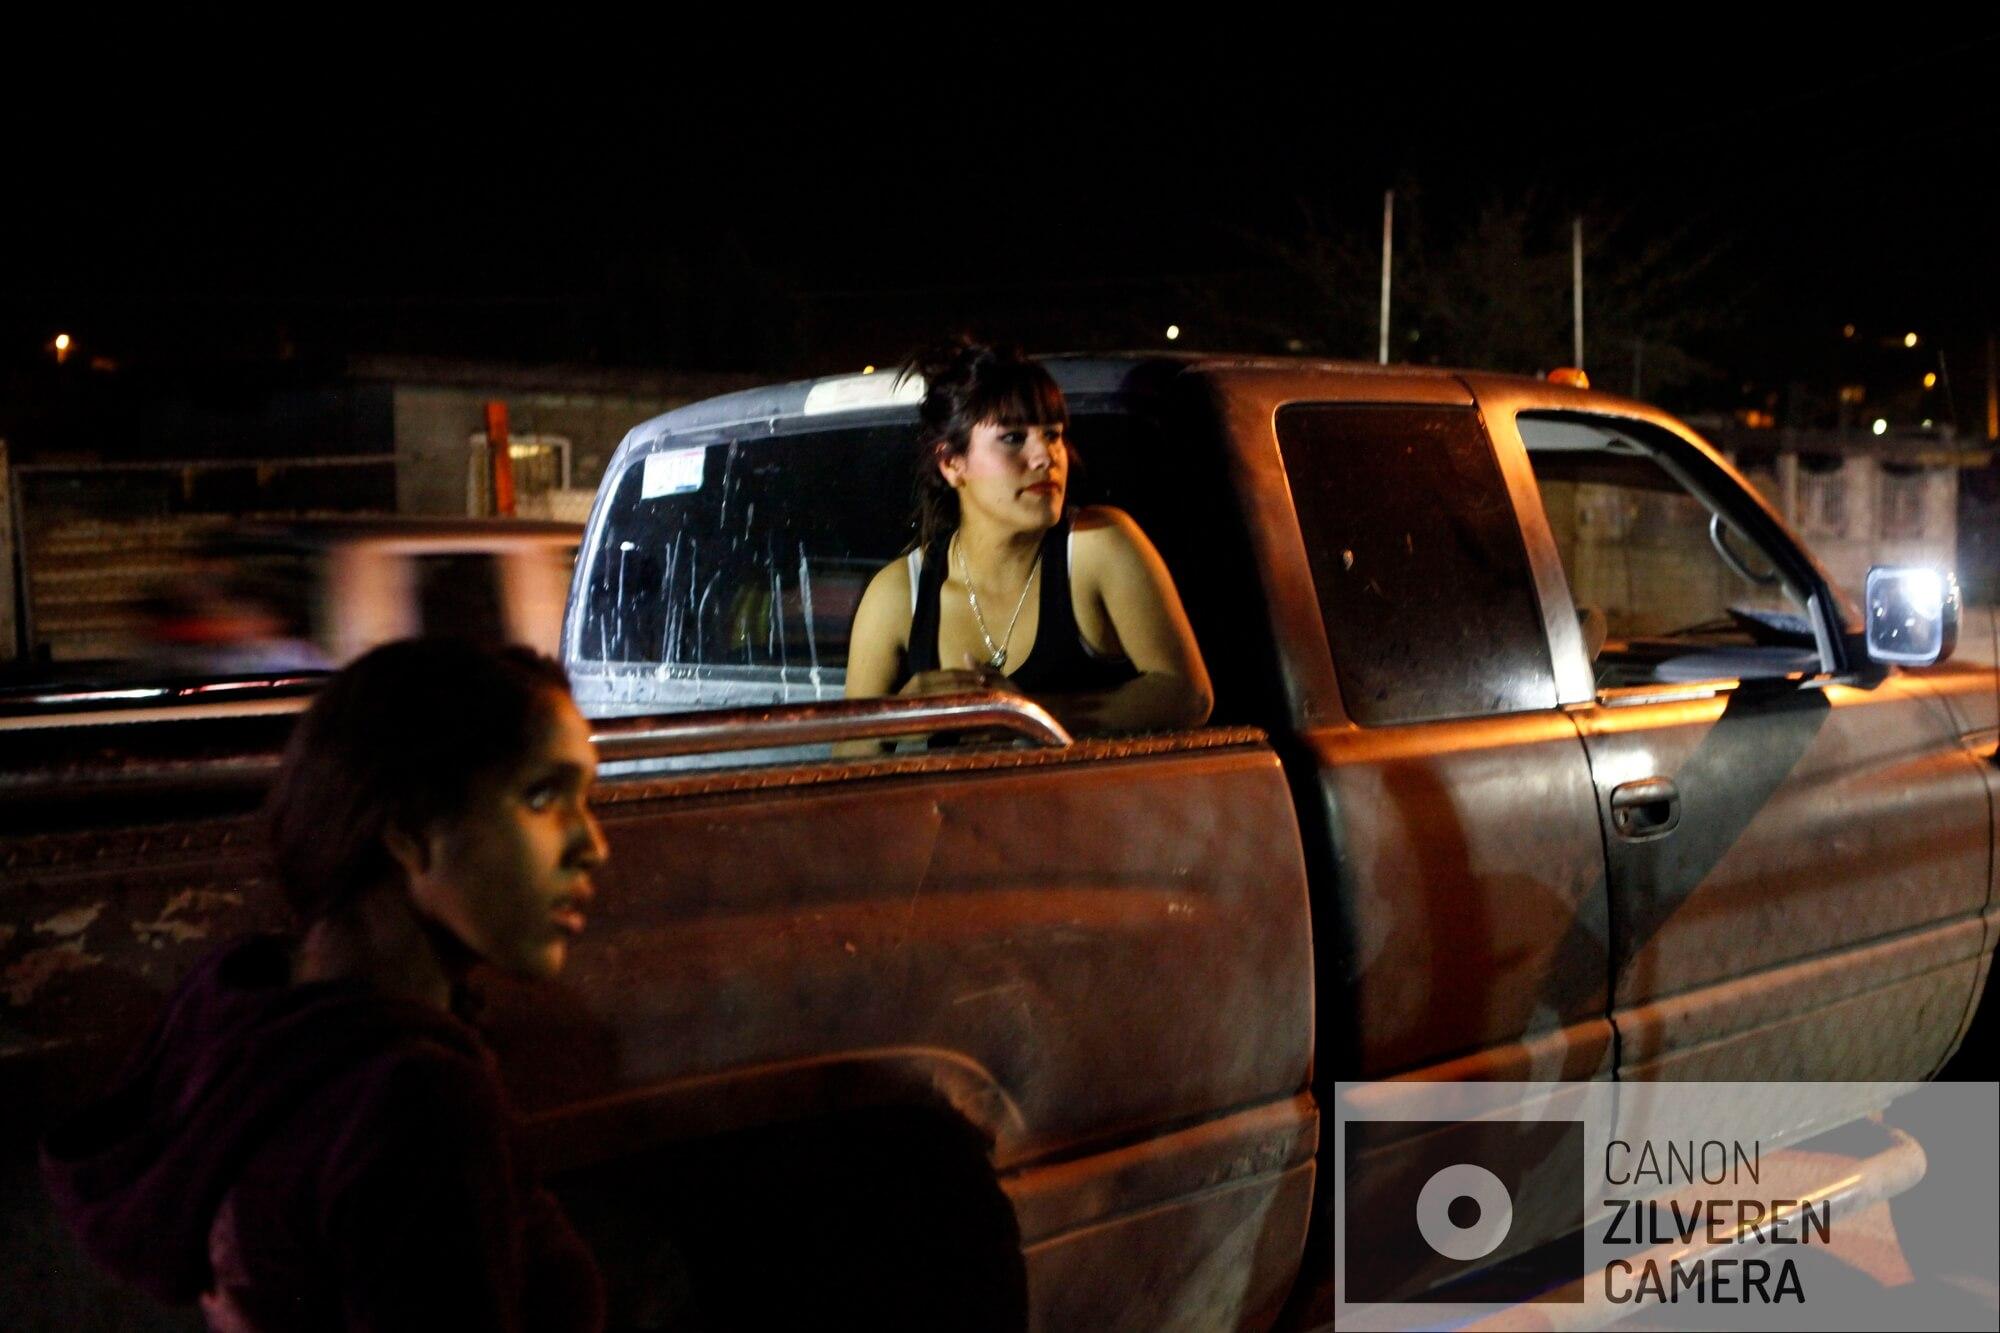 Tijdens een nachtelijke patrouille wordt de Staatspolitie opgeroepen door deze jonge vrouw die met de dood wordt bedreigd door een familie in de buurt.